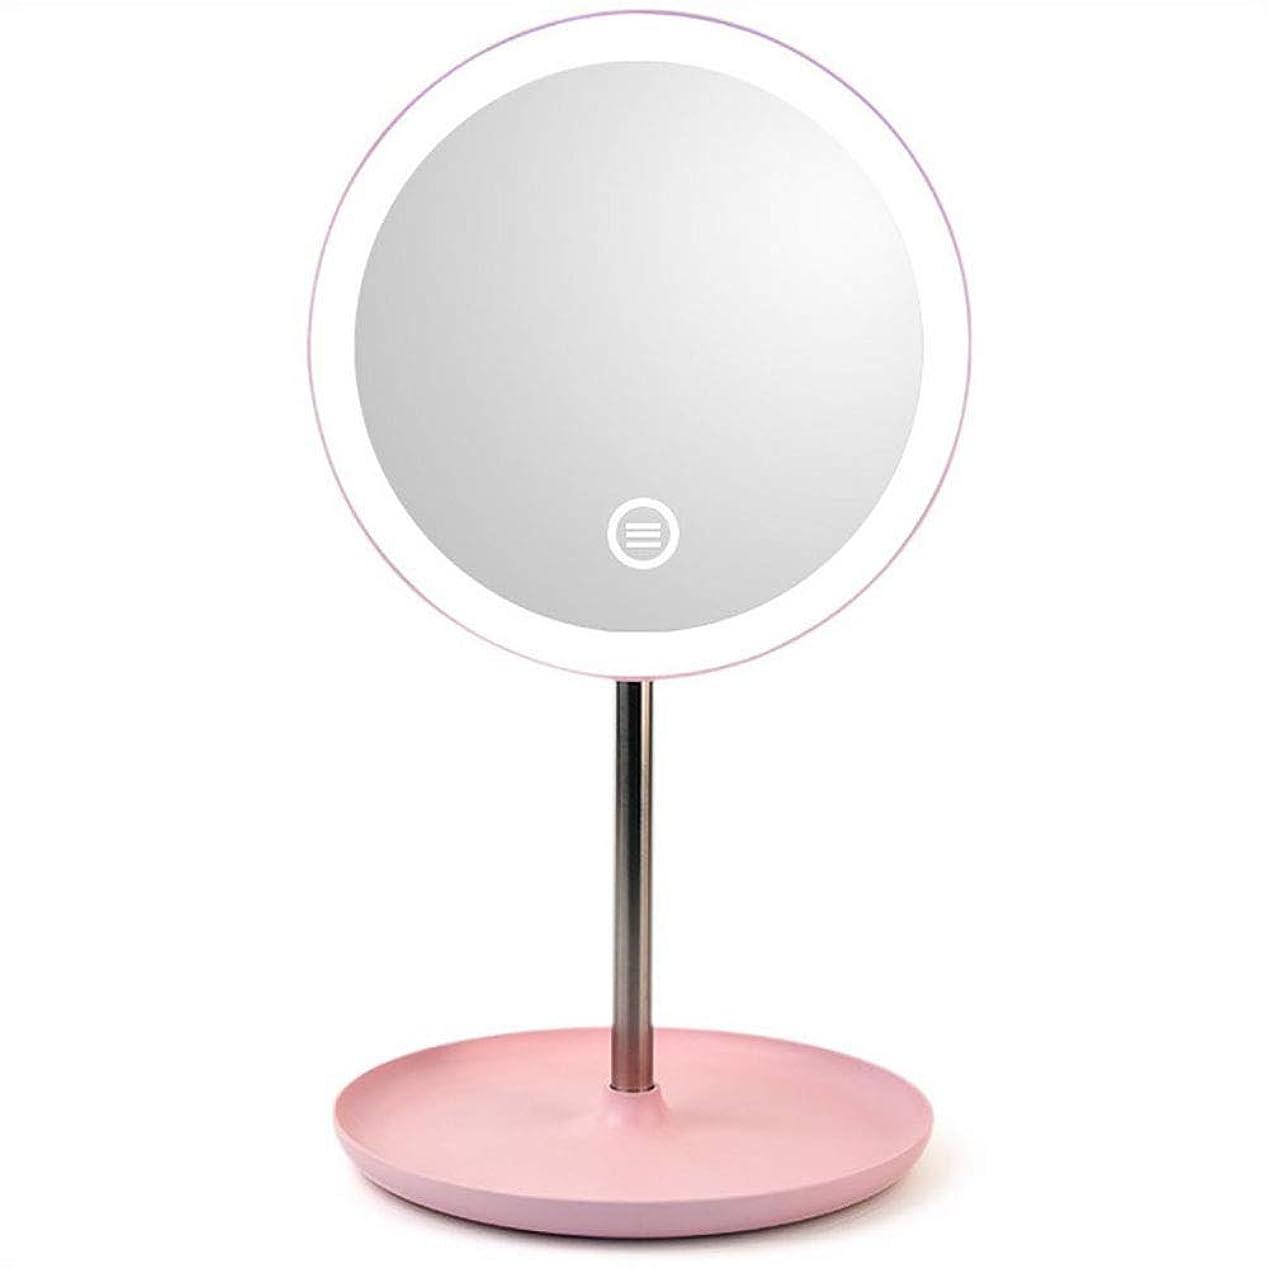 麺電極コロニーシルバーメッキラウンドミラーベーストレイのLED自然光スマートセンサ自照バニティミラー浴室充電式デスクトップバニティミラー